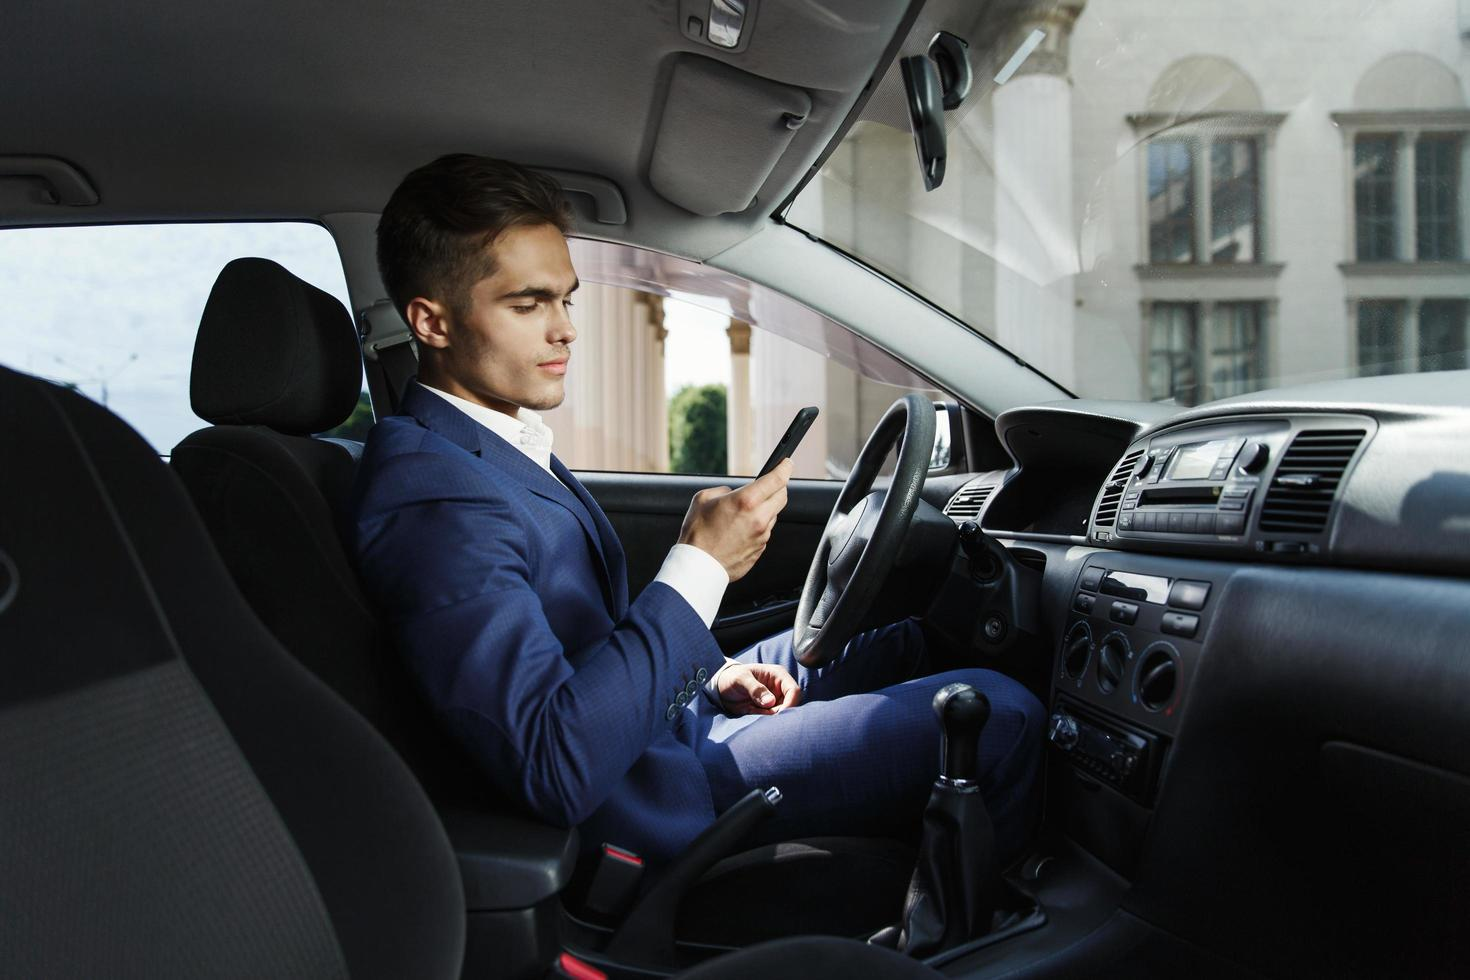 Mann überprüft sein Telefon im Auto foto